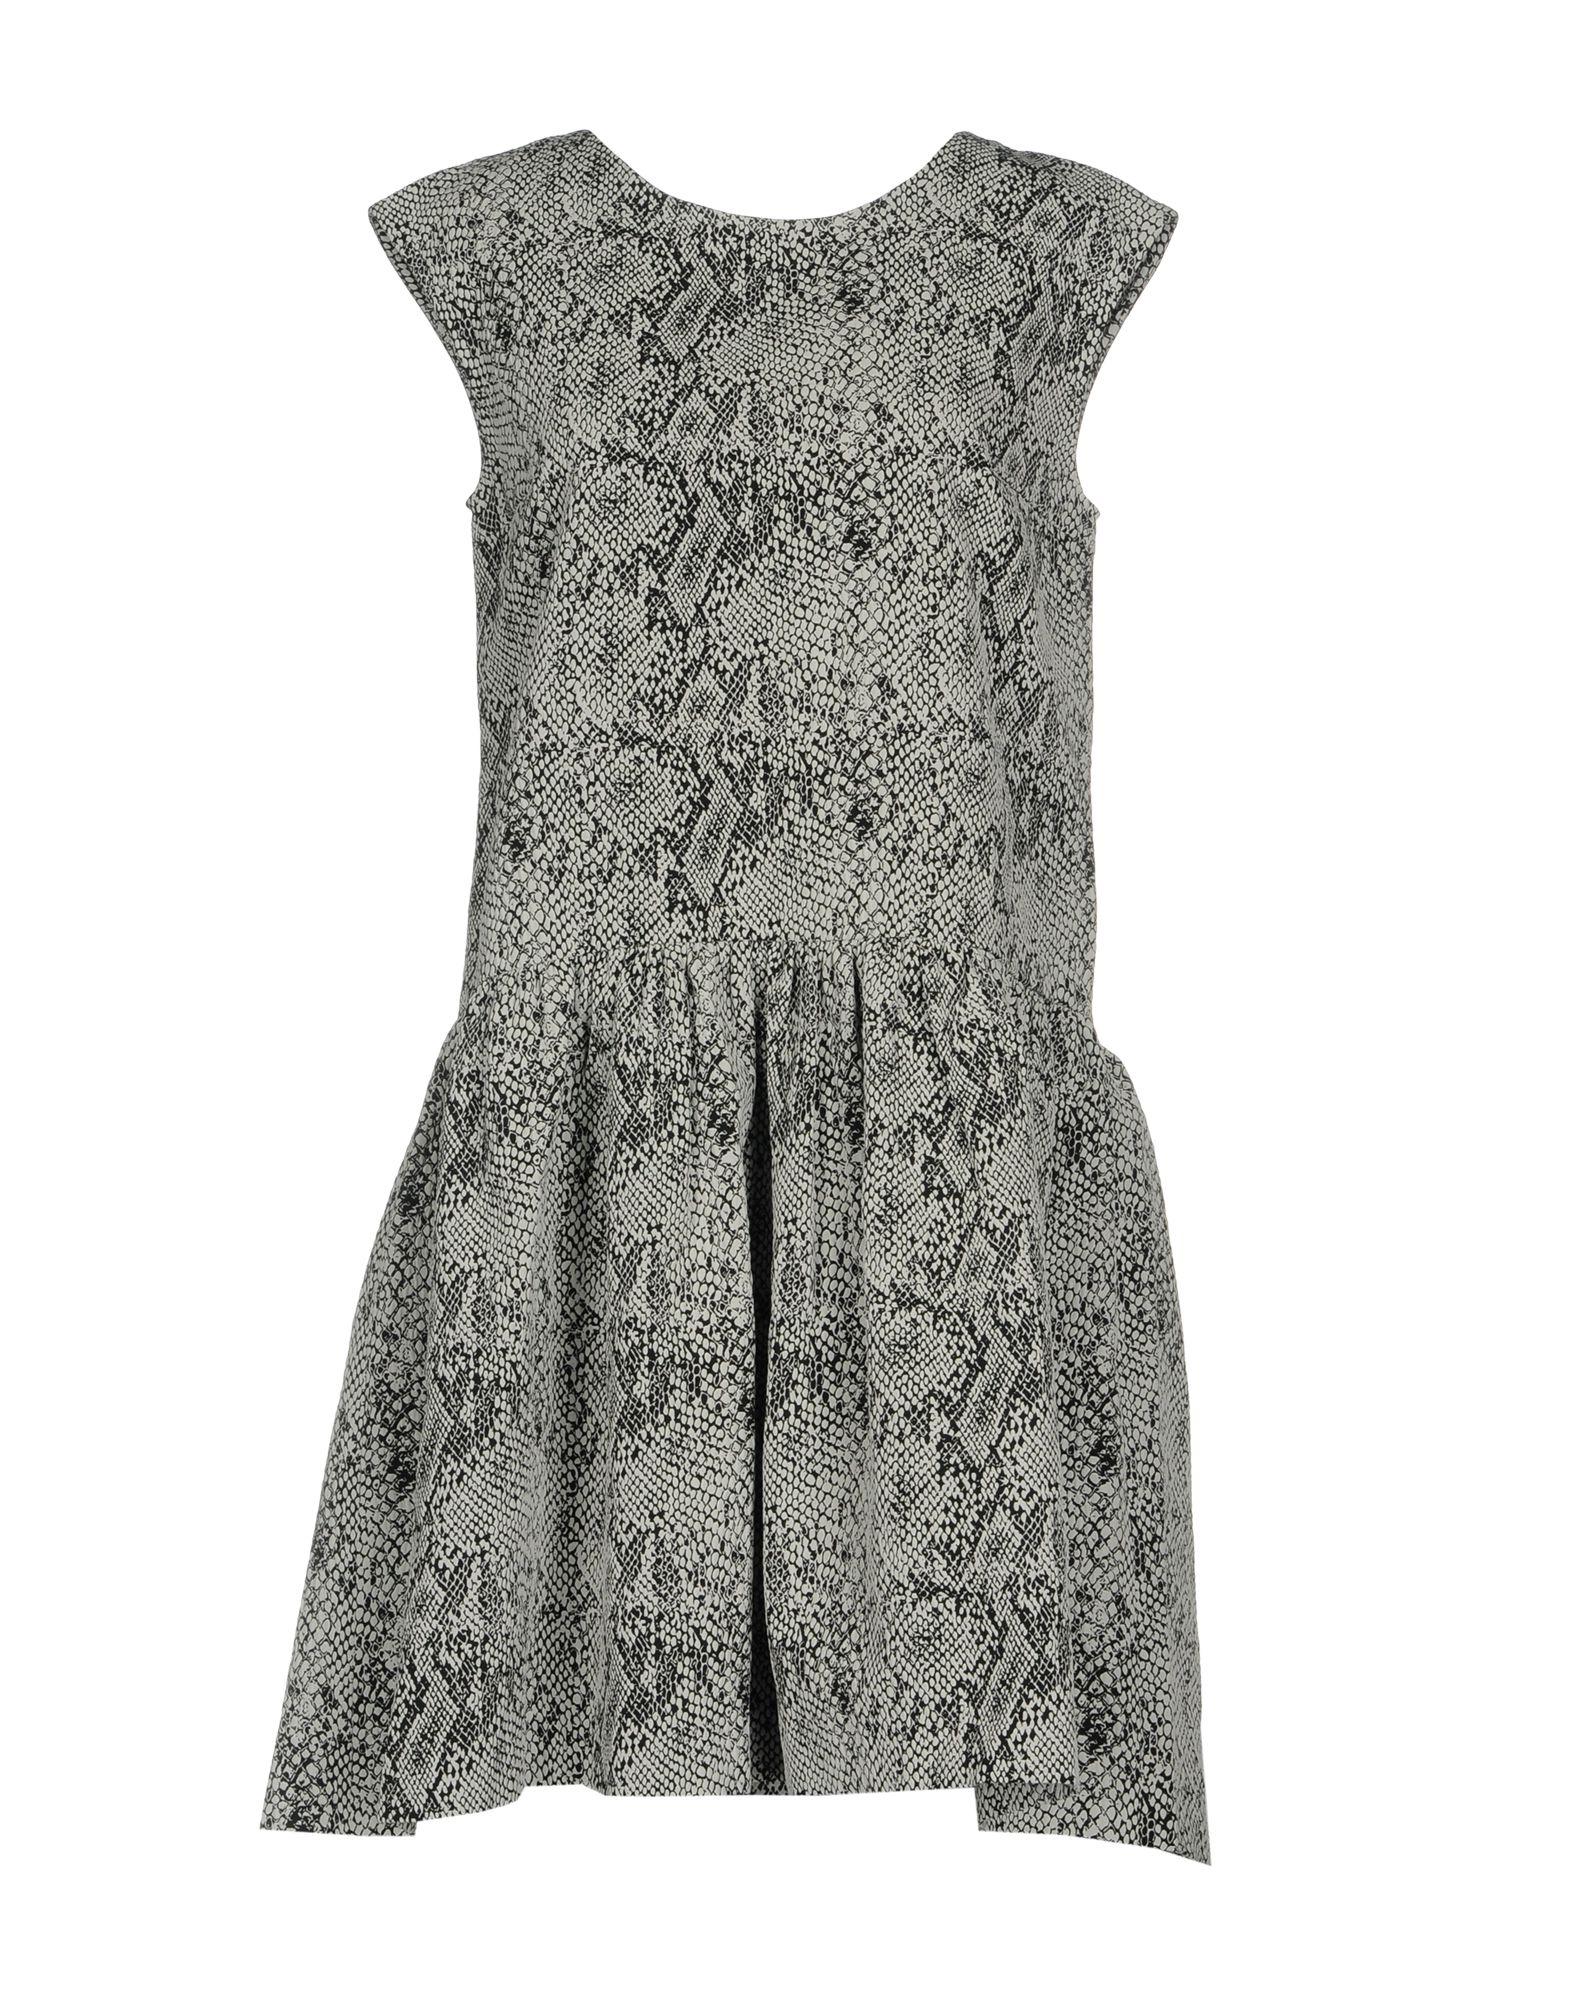 D.EFECT Short Dress in Black